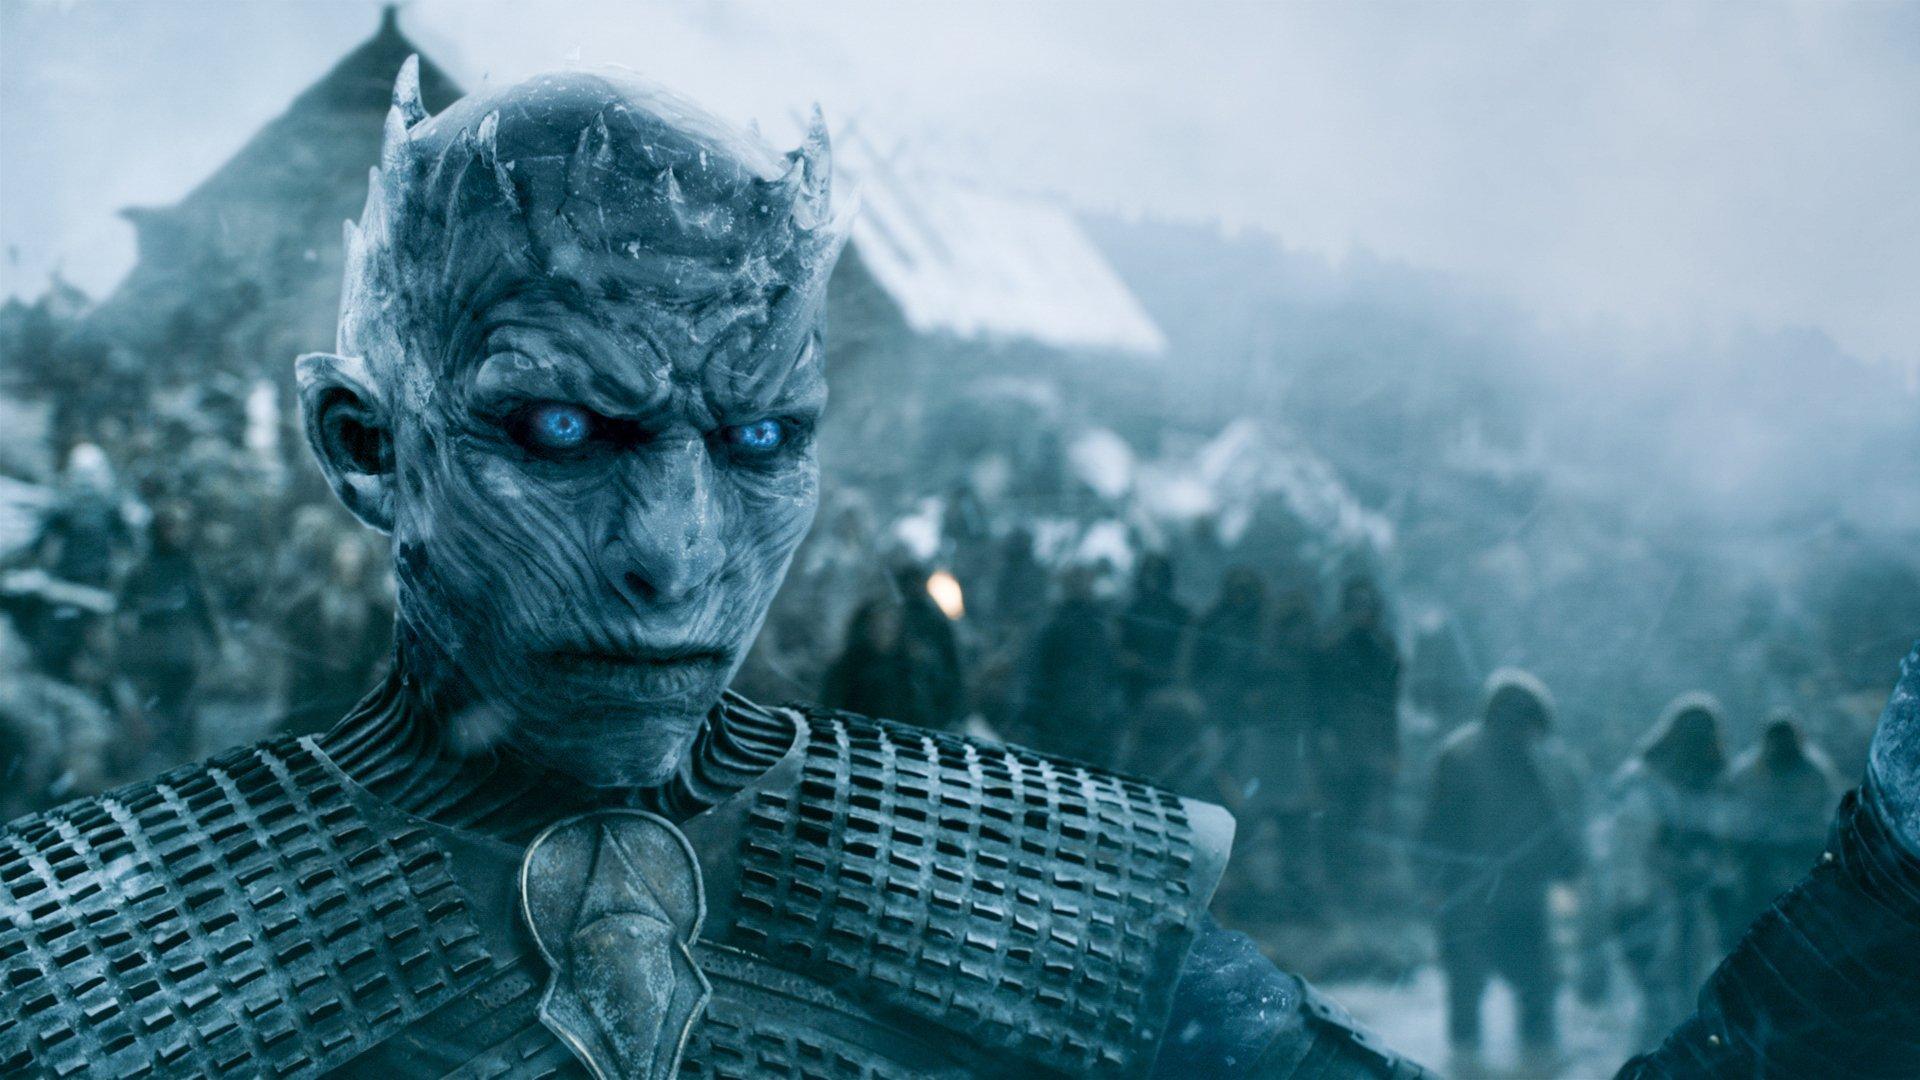 Game of Thrones, White walker, Night King-159532.jpg27297742